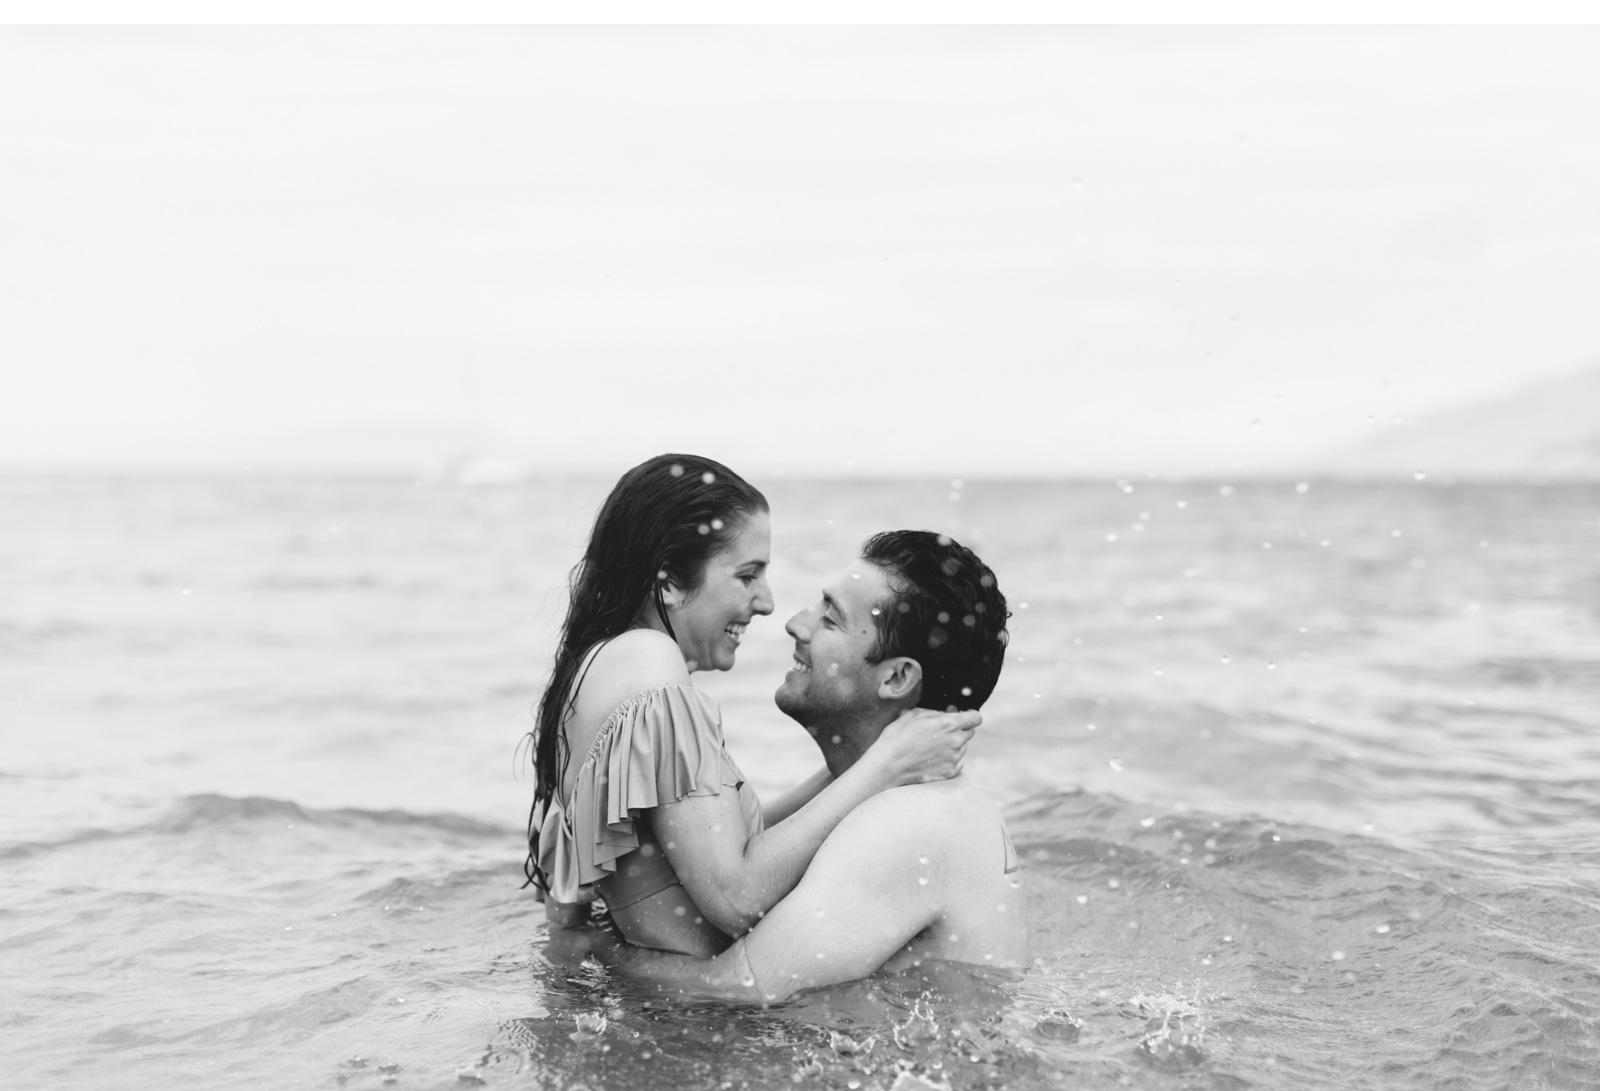 Hawaii-Wedding-Photographer-Natalie-Schutt-Photography_18.jpg